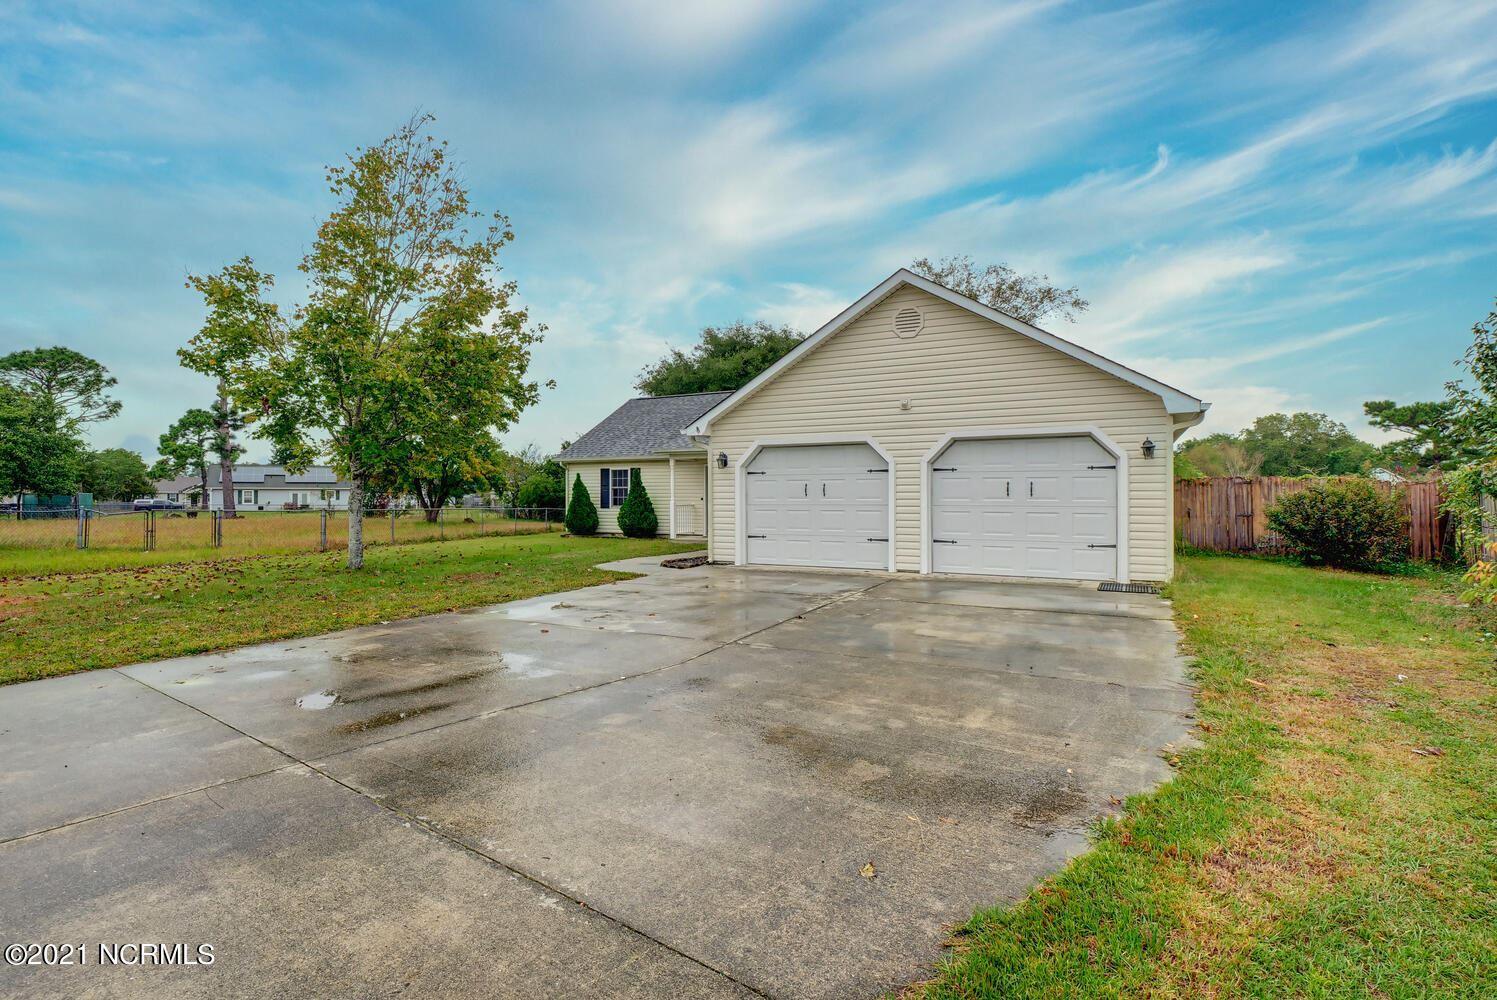 Photo of 404 Dayrell Drive, Hubert, NC 28539 (MLS # 100293499)